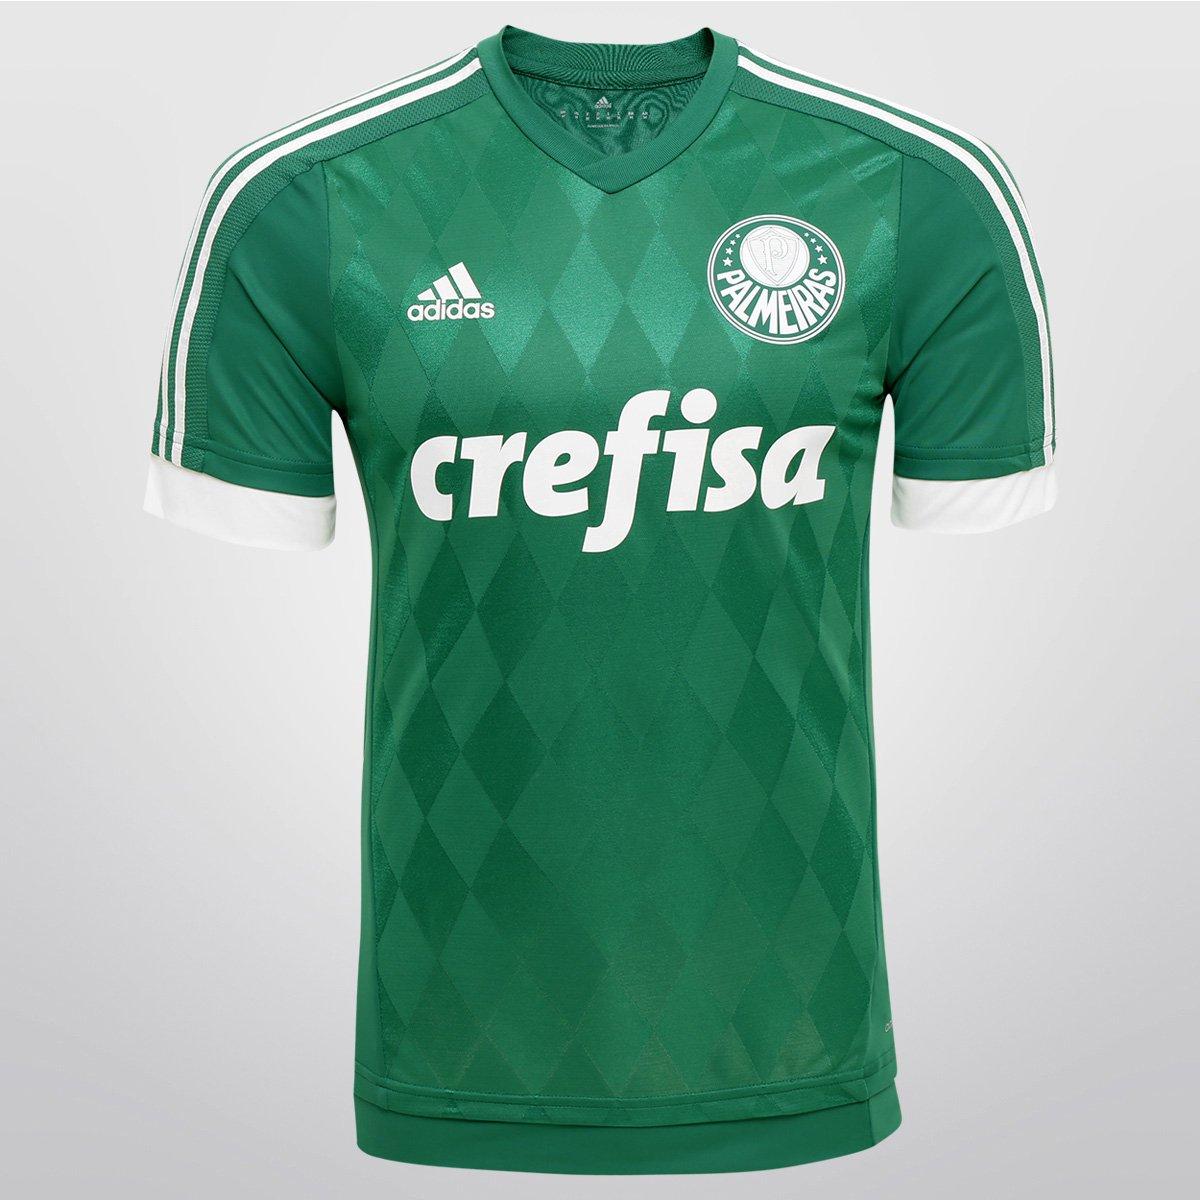 Camisa Adidas Palmeiras I 15 16 s nº - Jogador - Compre Agora  995196d66152c